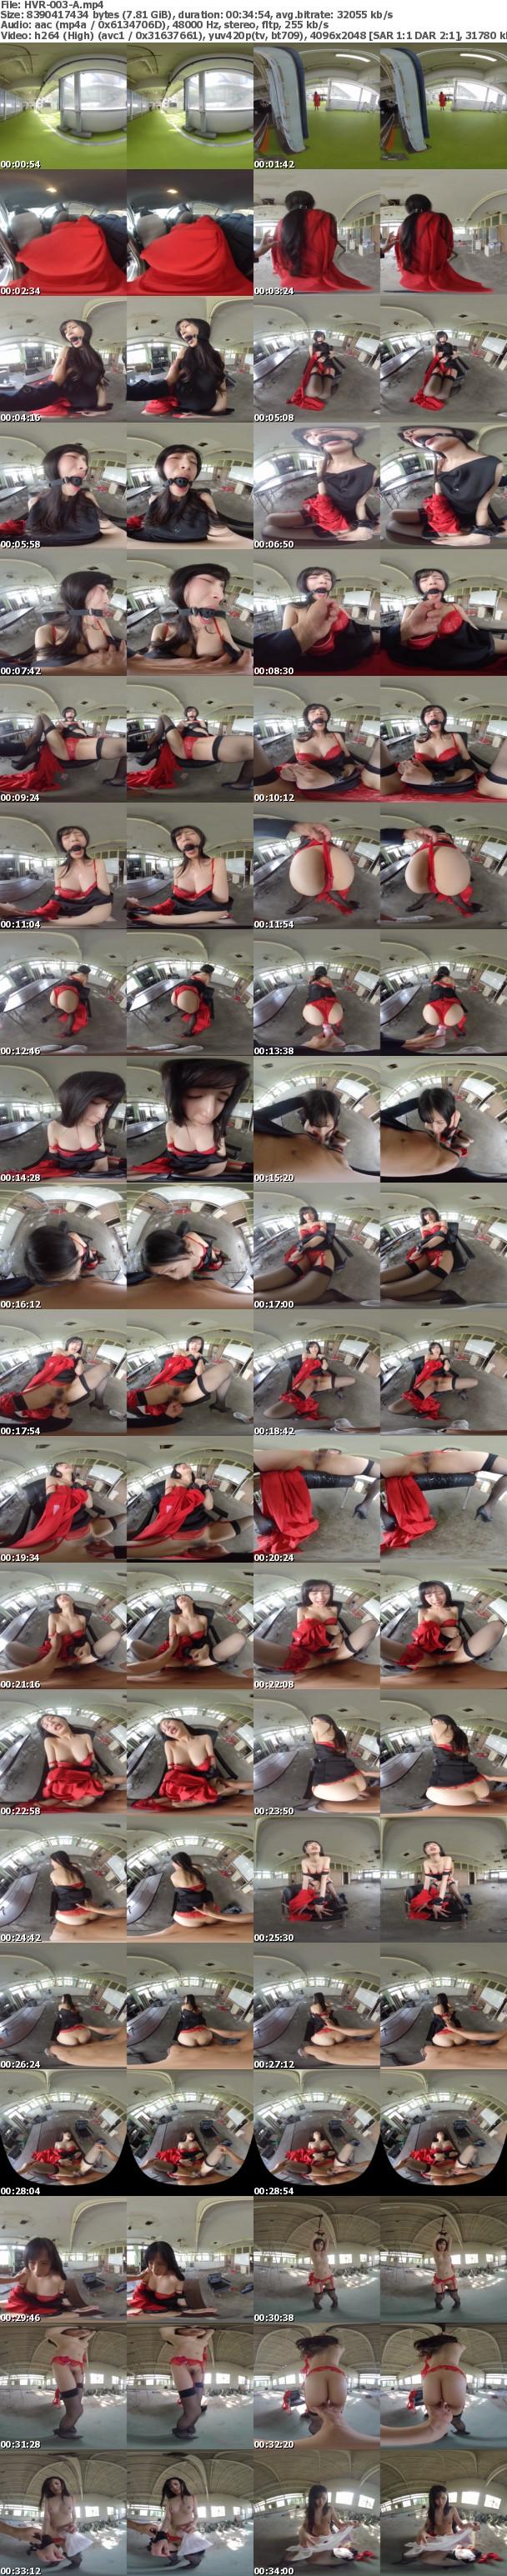 (VR) HVR-003 【VR廃墟レ●プ】トラウマ確定のわいせつ映像。駐車場で拉致⇒口枷手枷で廃墟連れ込み。歪んだ性欲が暴走する孕ませ中出し!!